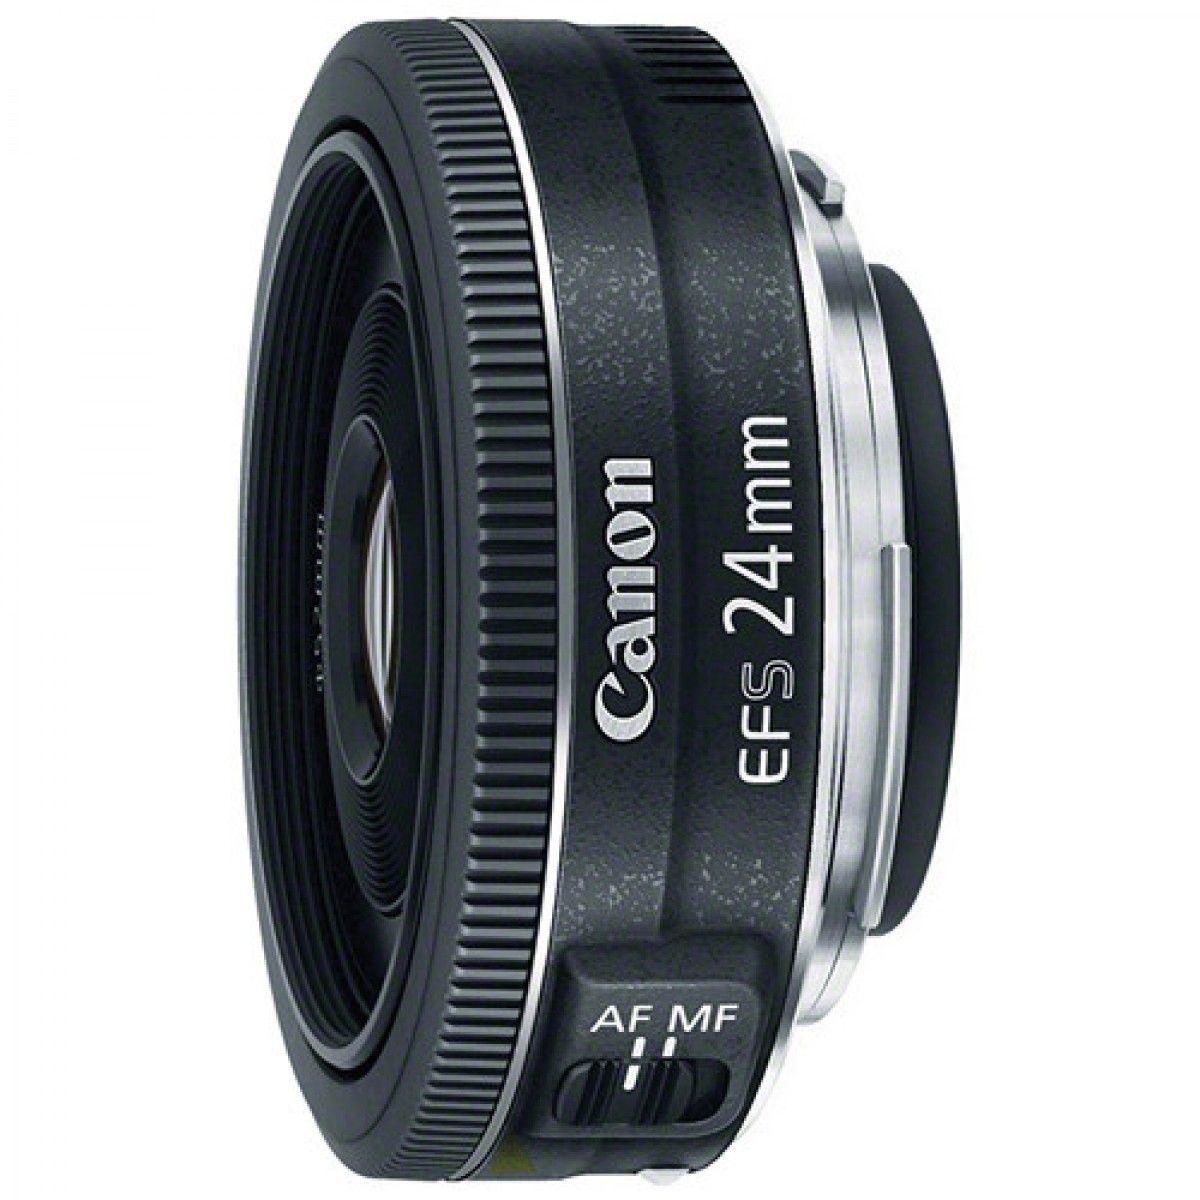 Objetiva Canon 24mm f/2.8 IS EF USM